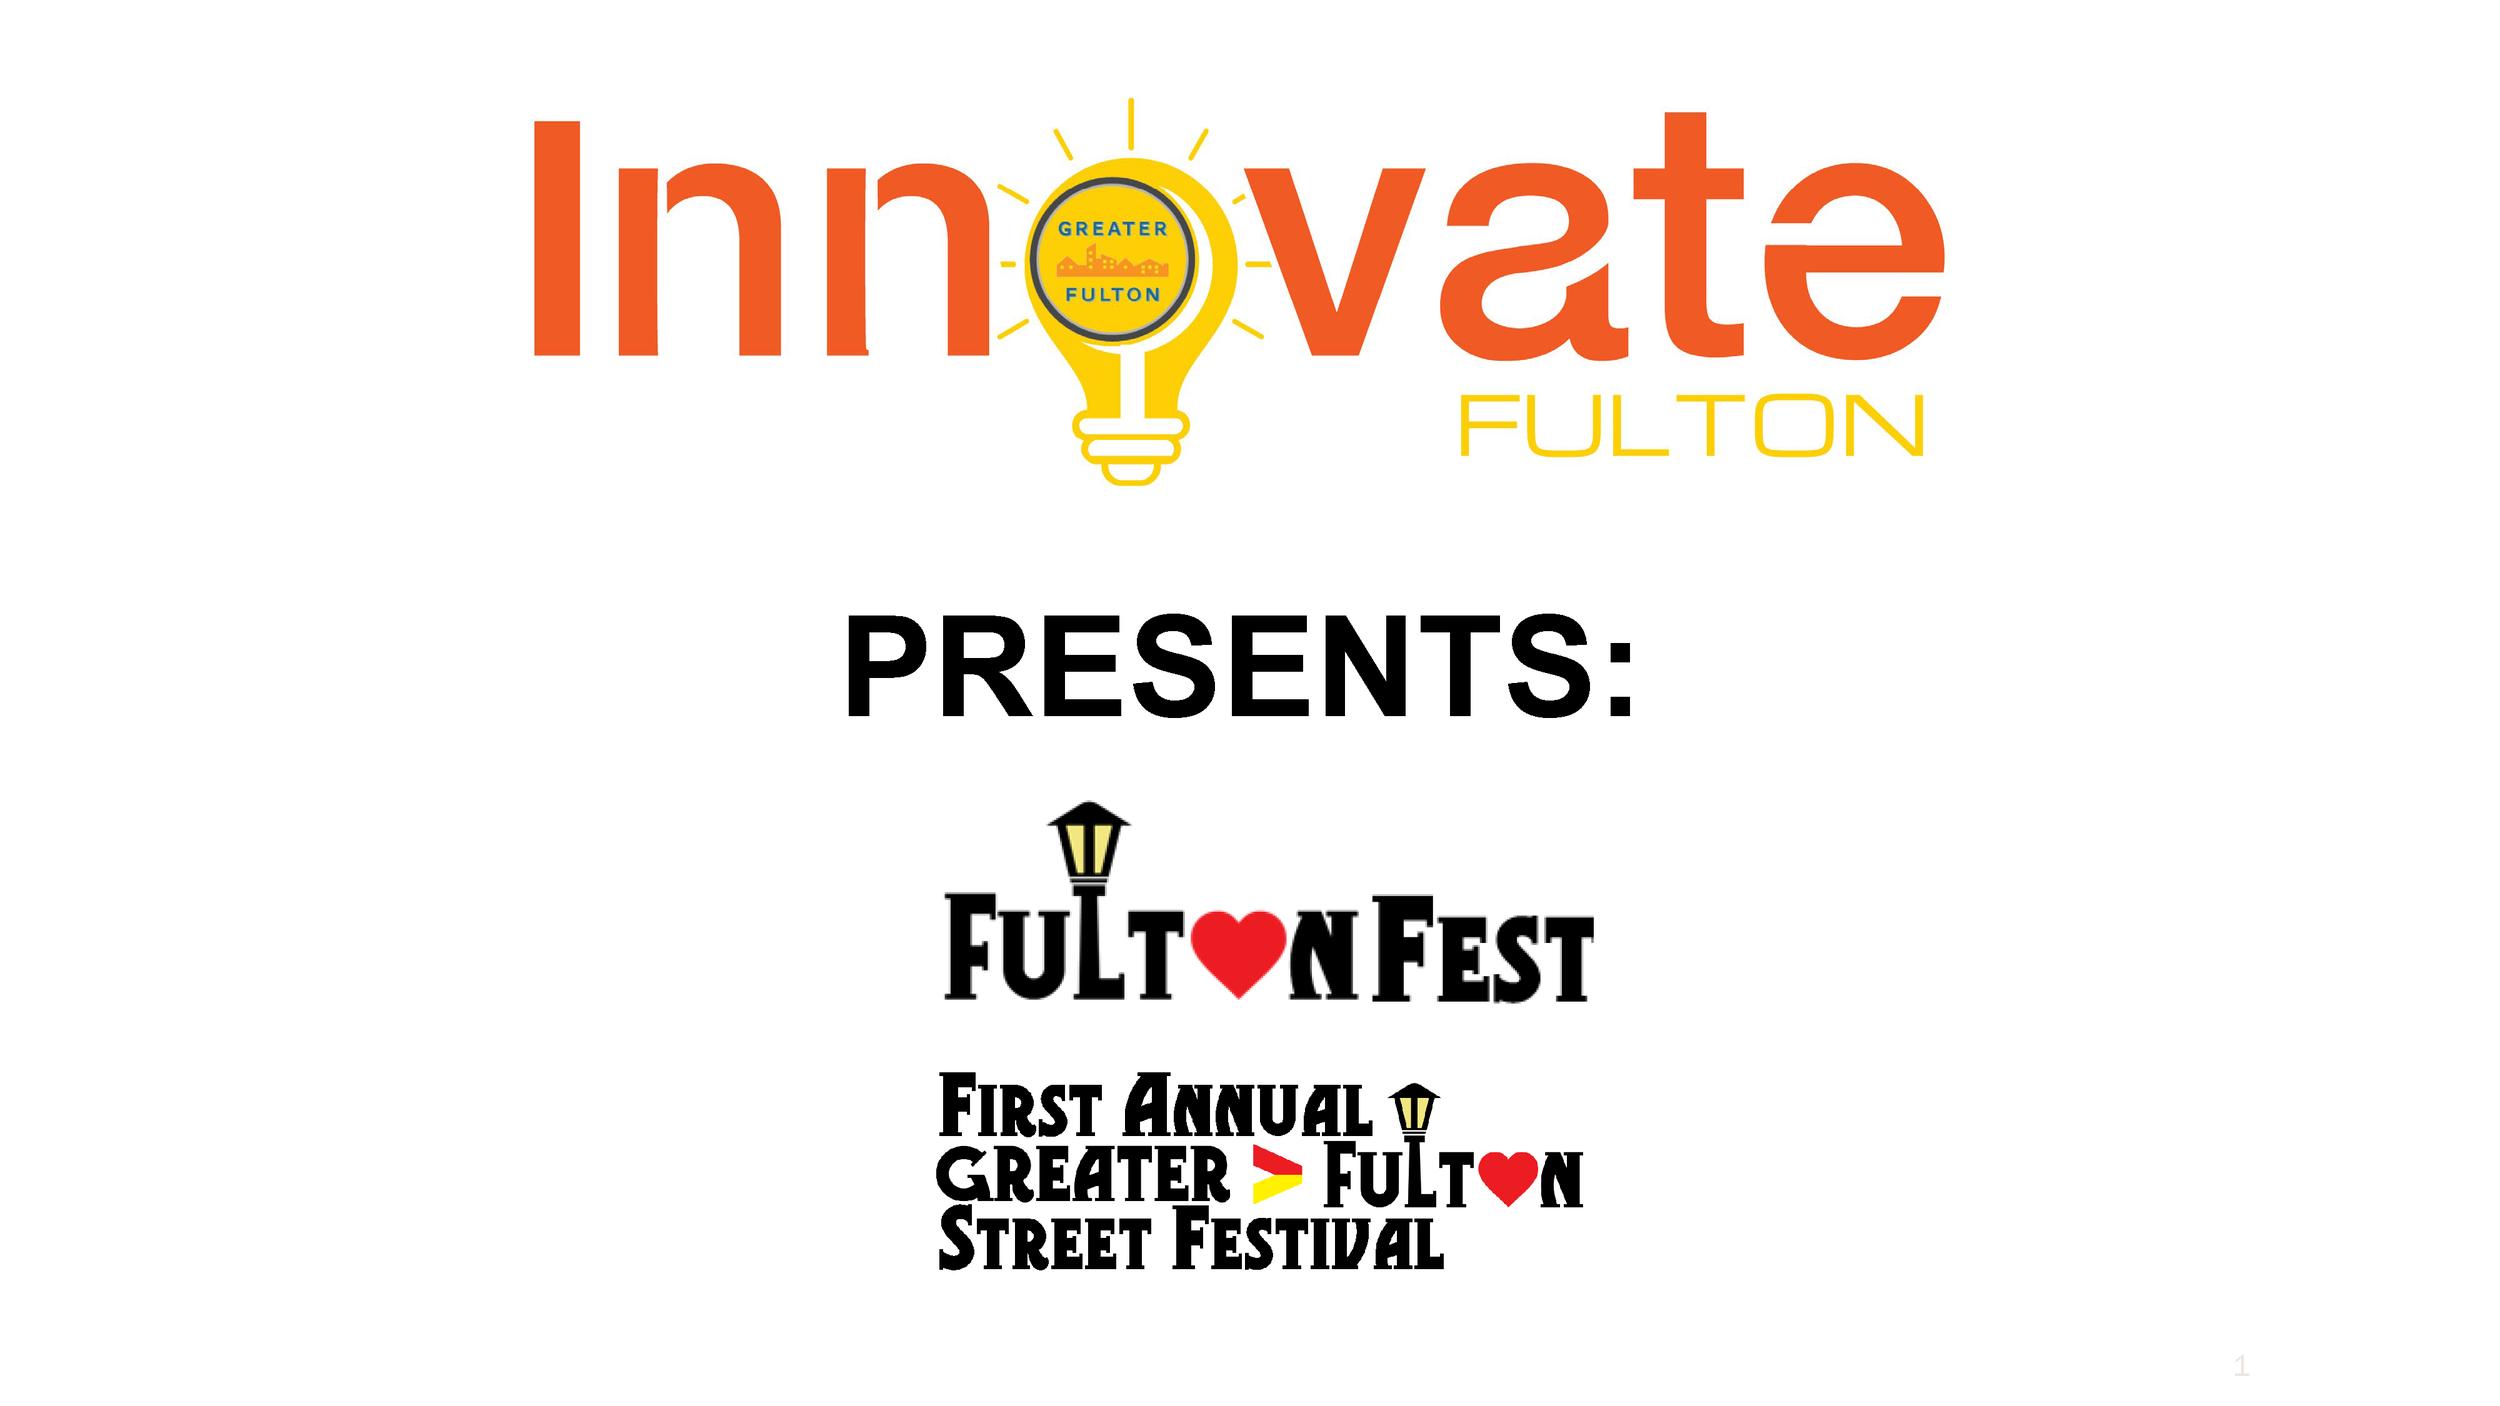 FultonFest Innovate Fulton Presentation - July 27, 2019 1.png